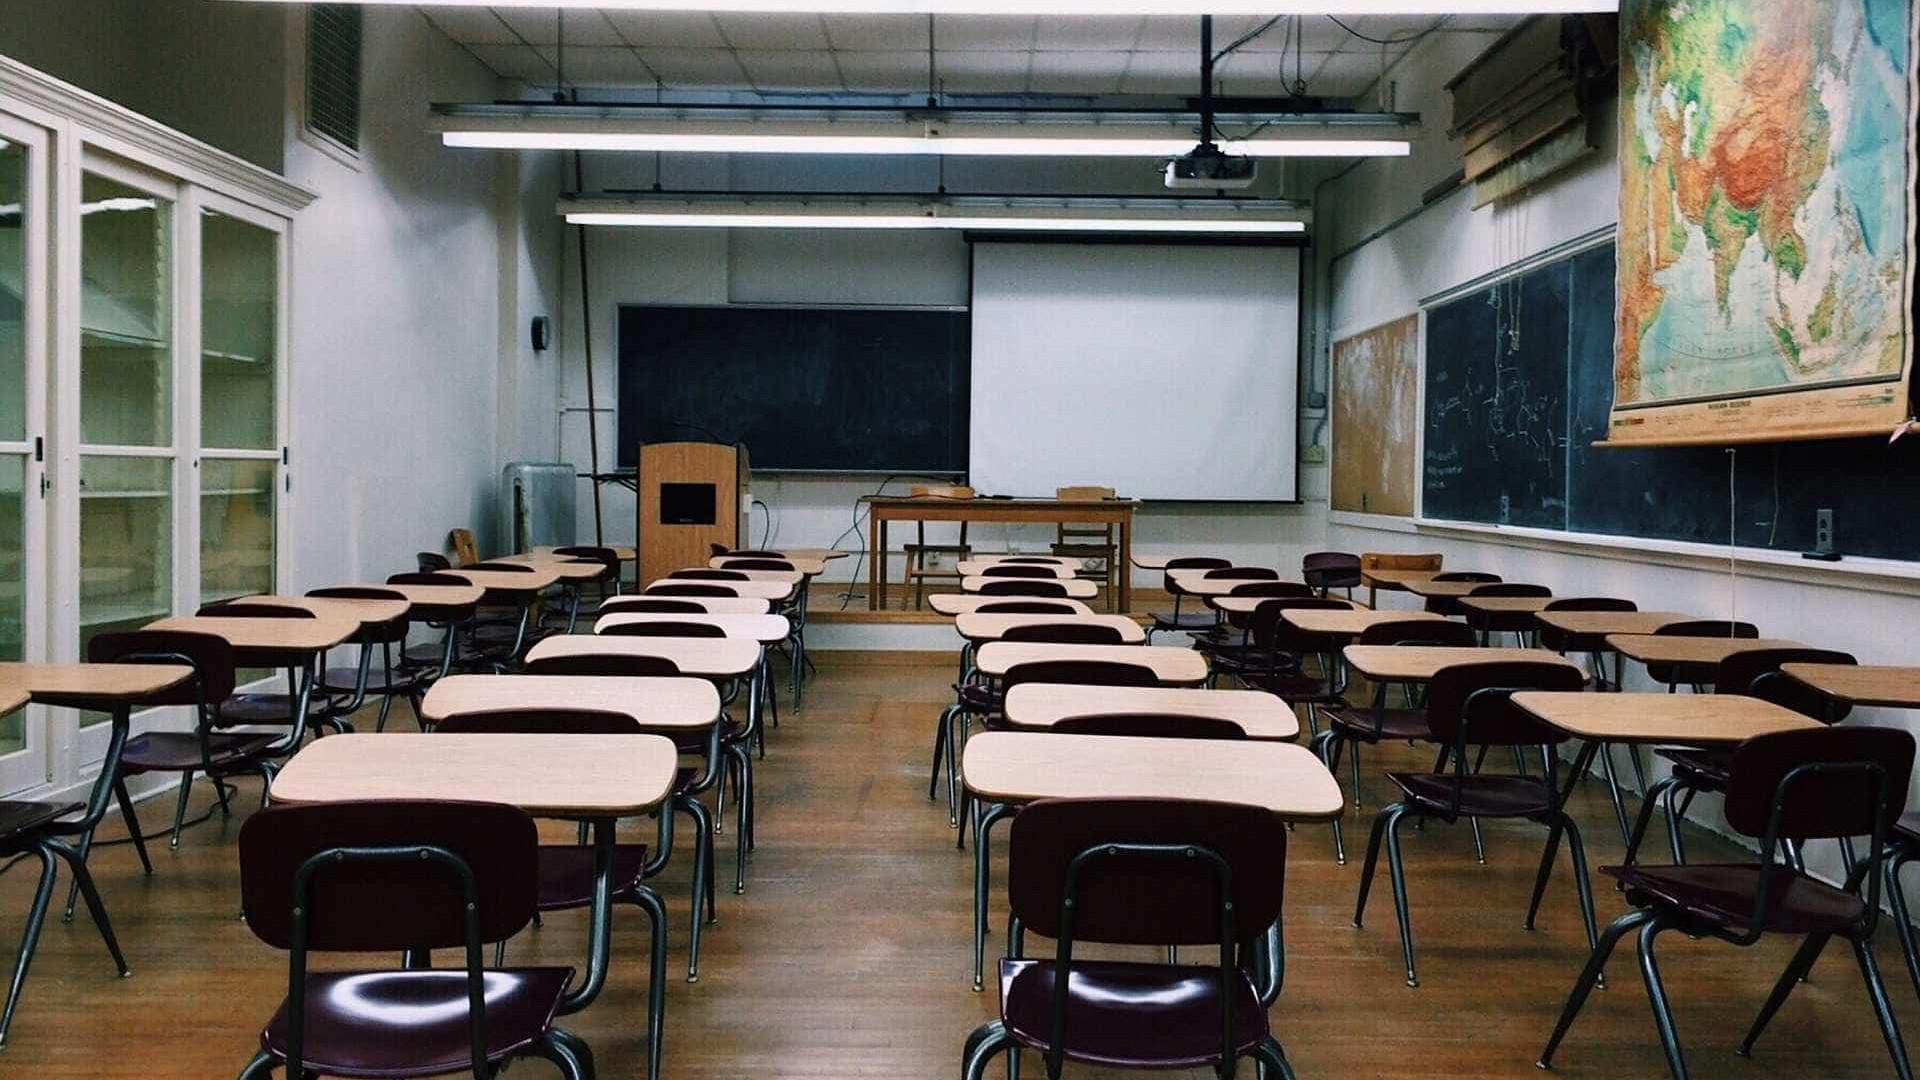 Vítima de tiros em escola segue em estado grave com pulmões perfurados